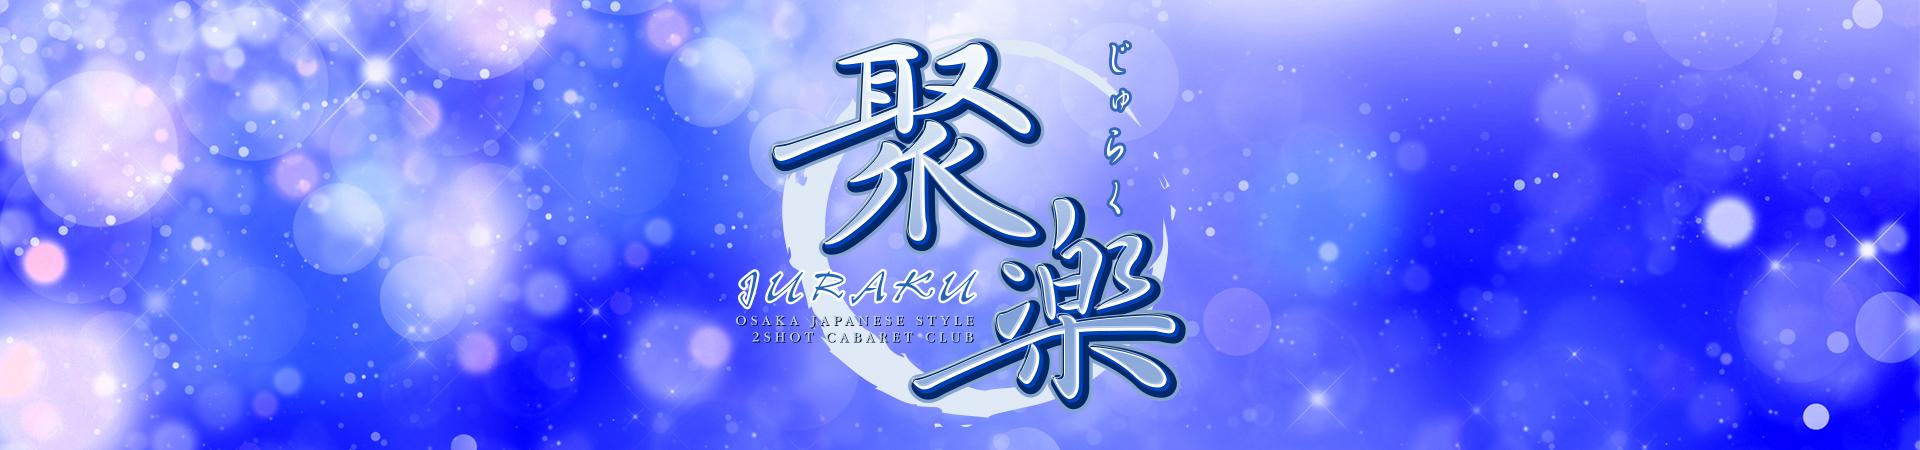 聚楽(じゅらく)